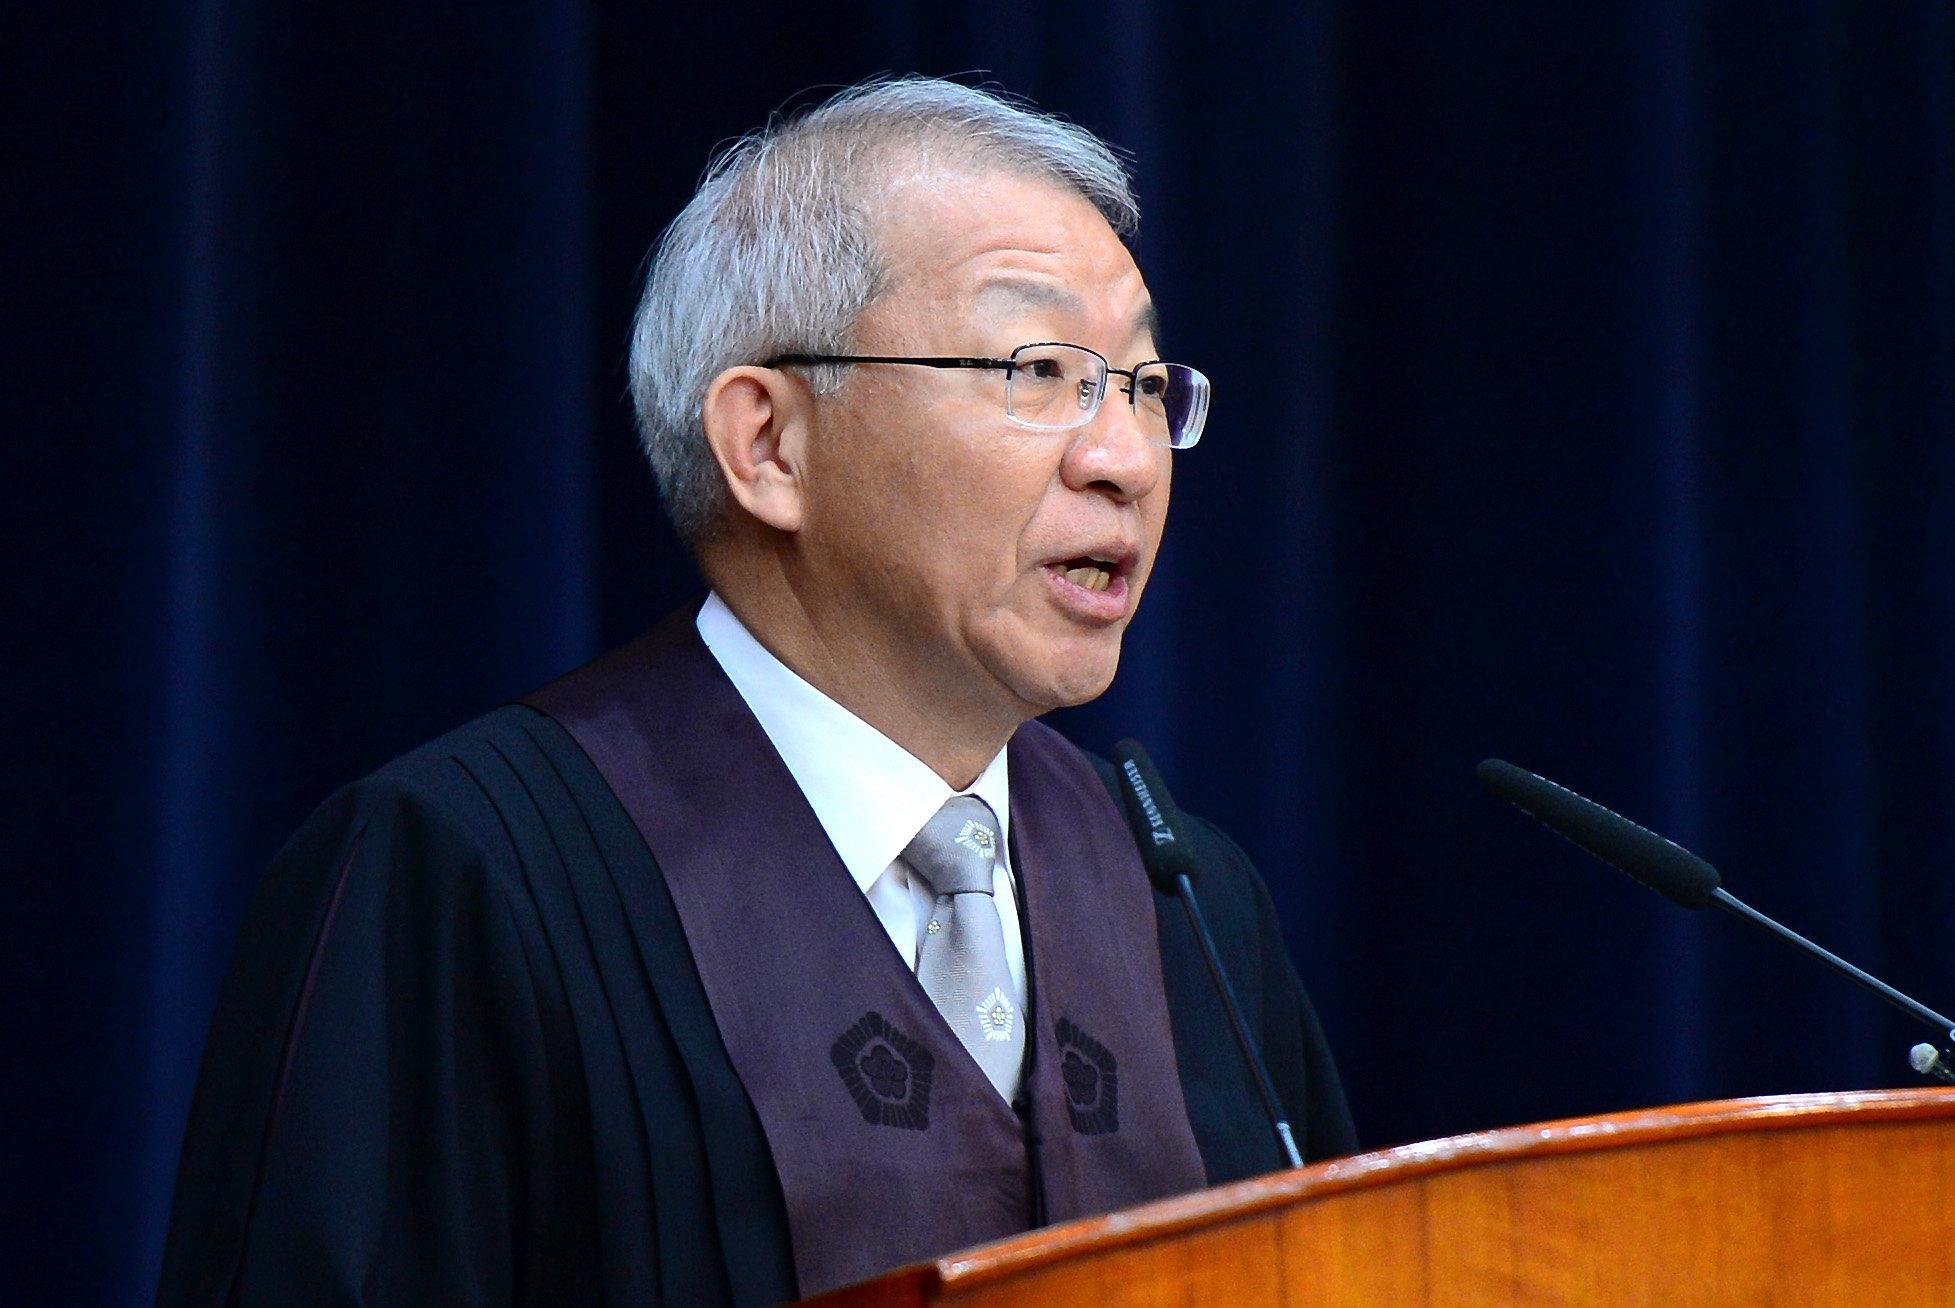 박근혜 정부 시절 대법원이 청와대와 '판결 거래'를